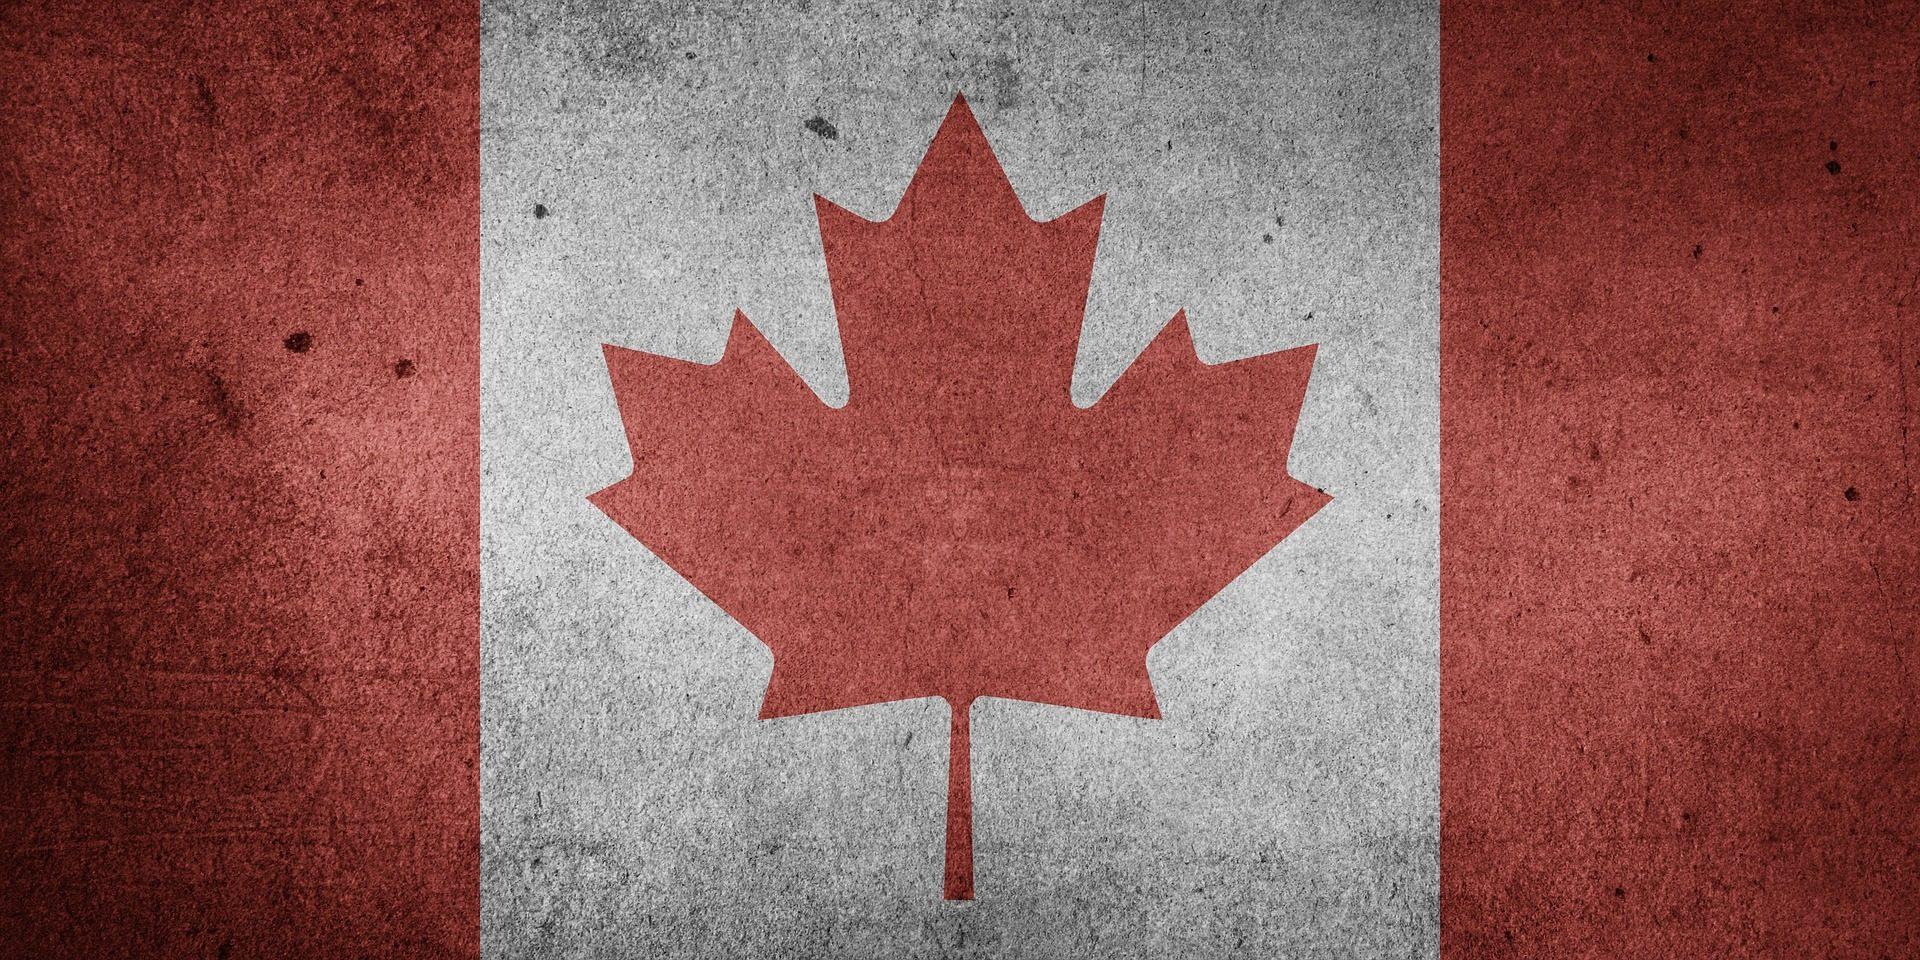 Flüge nach Kanada